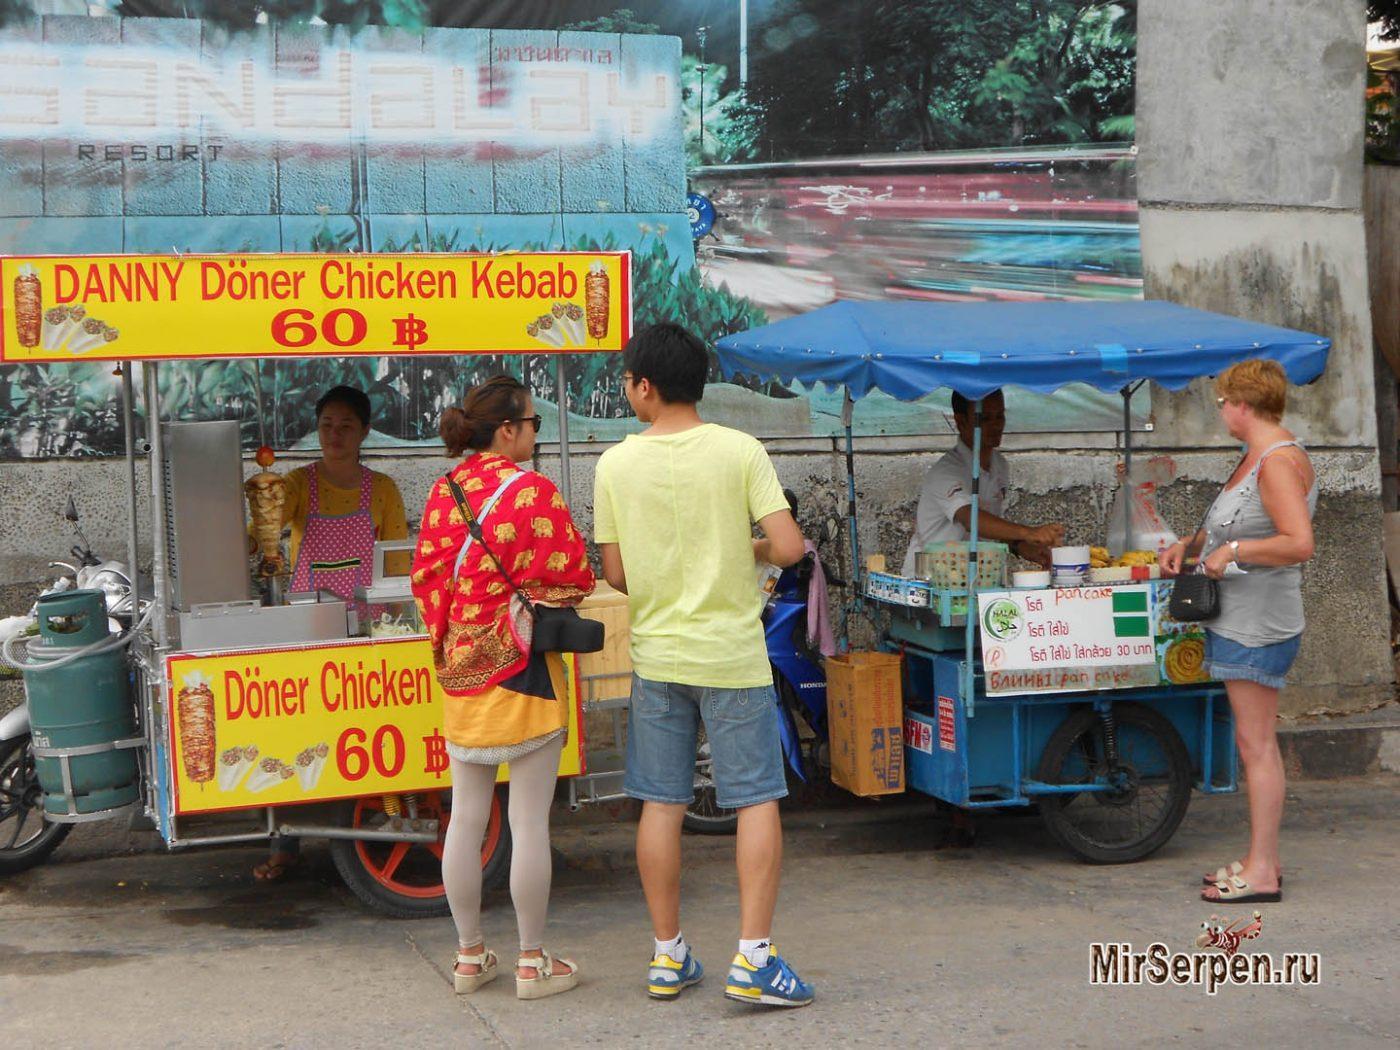 Сладки уличный секс 28 фотография